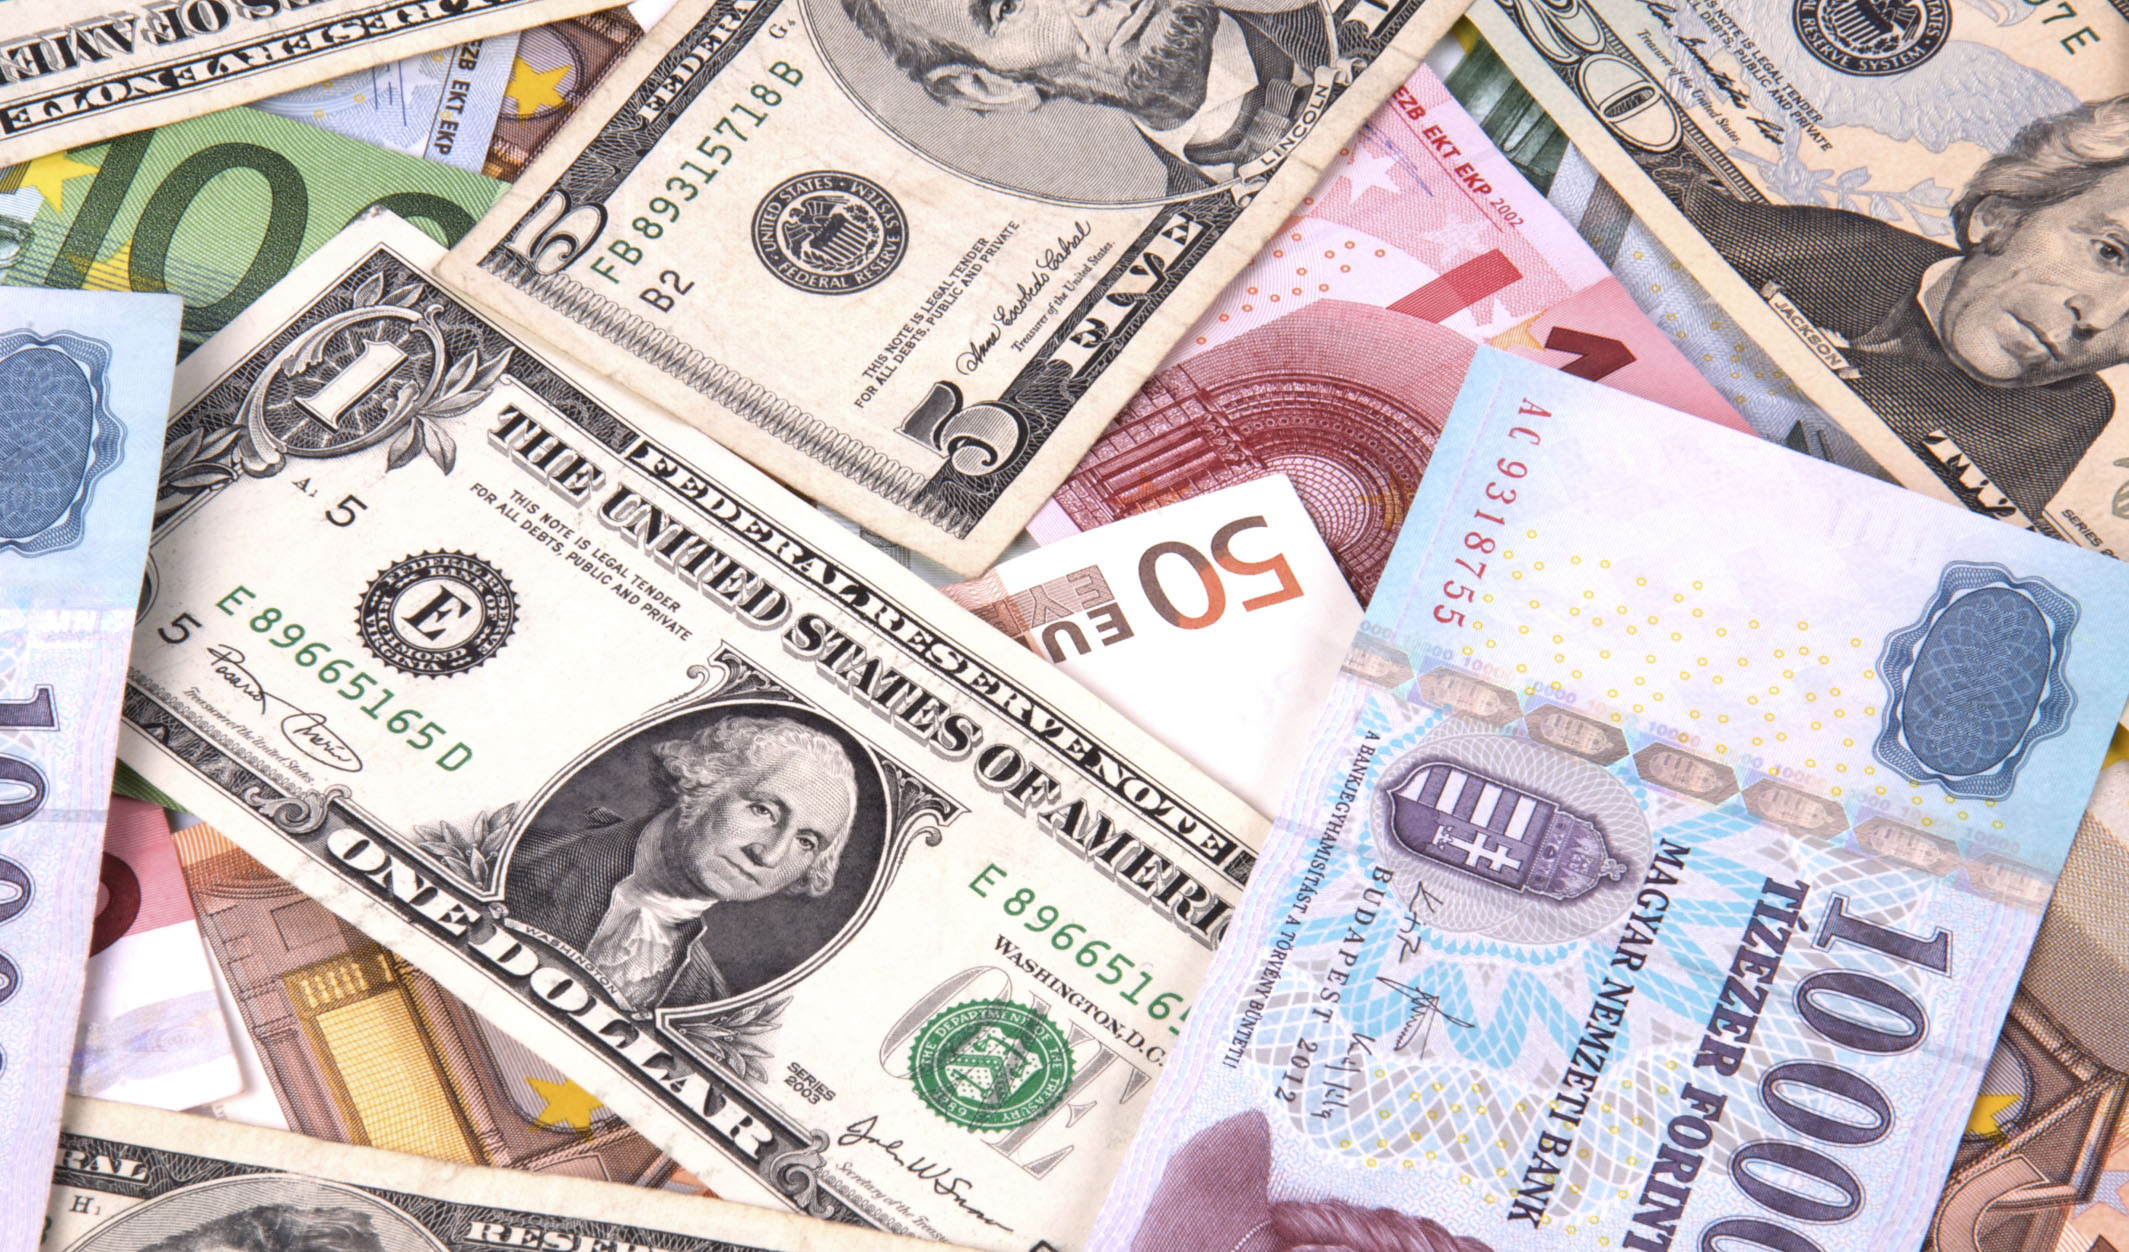 عرضه بیش از ۴۲۰ میلیون یورو در سامانه نیما از ابتدای سال